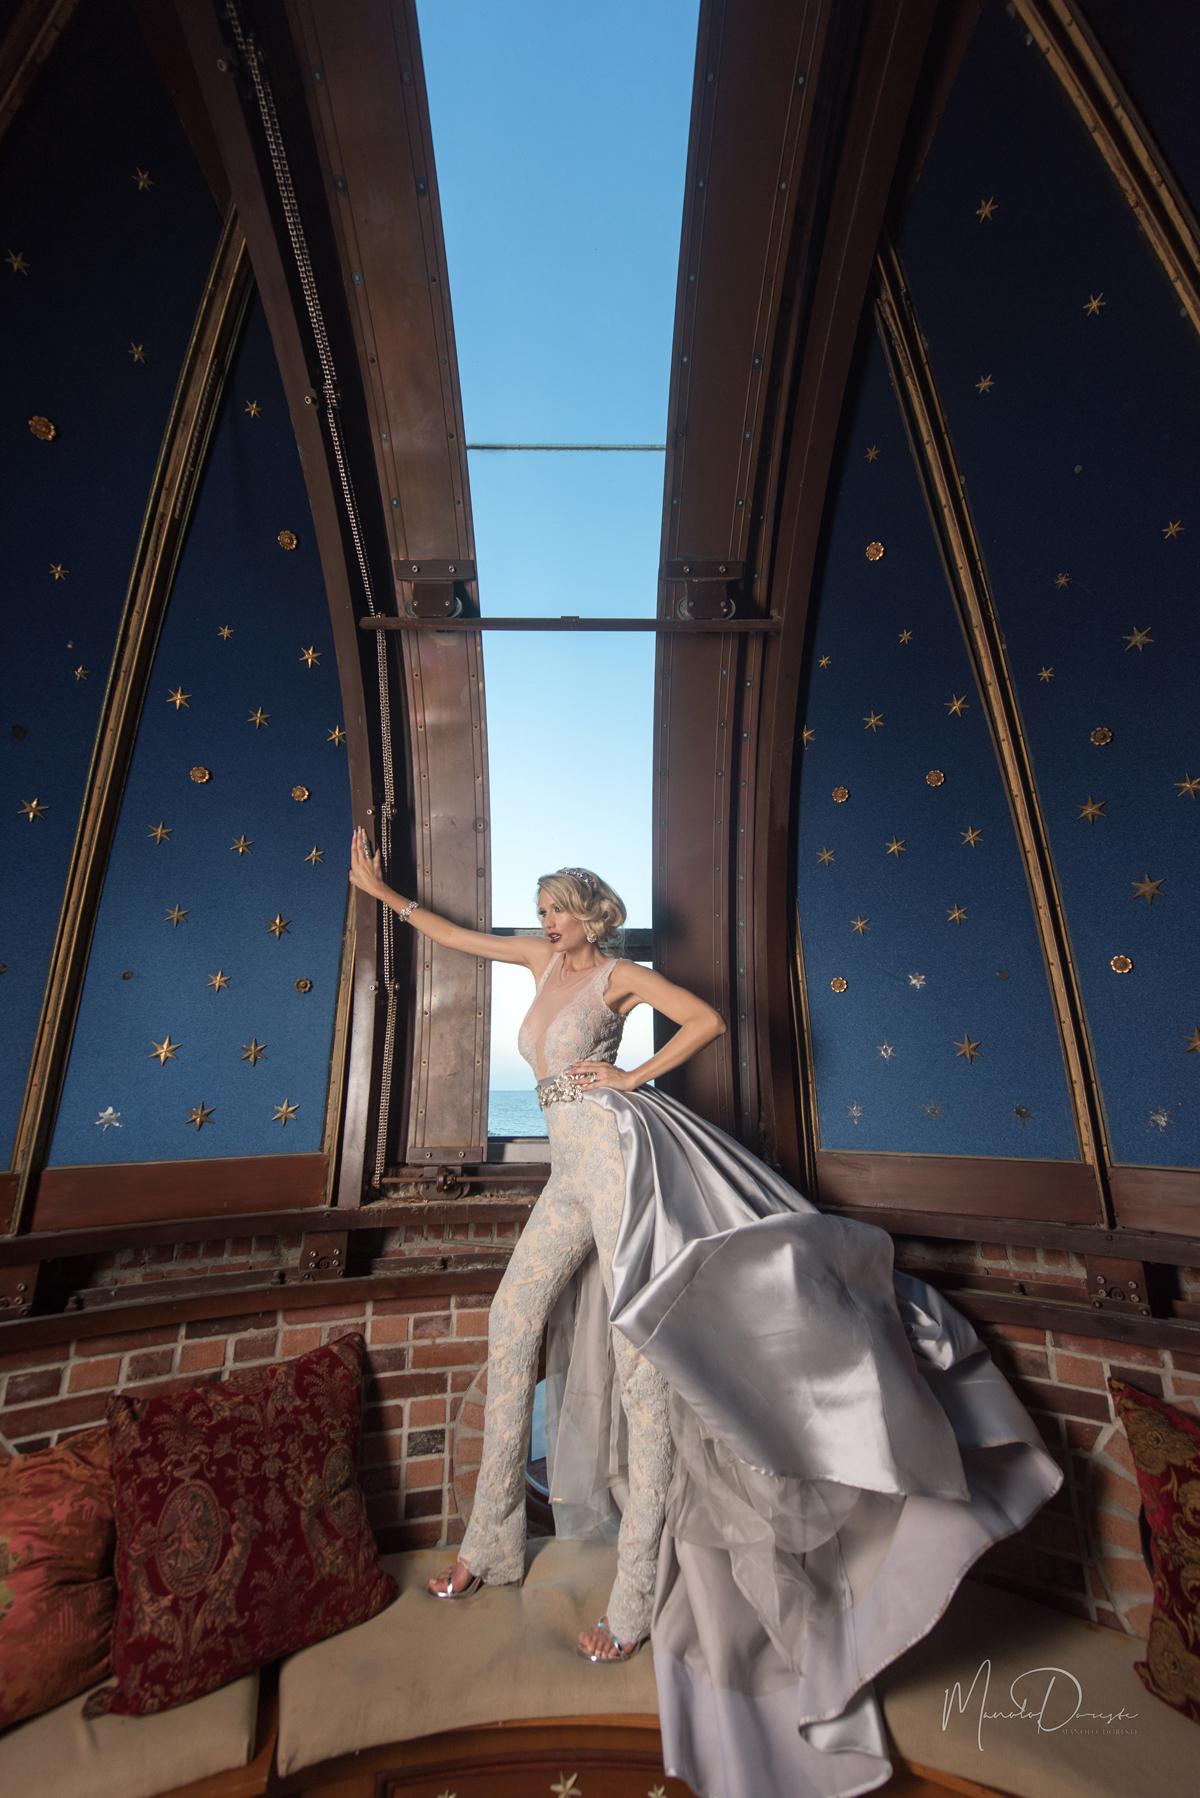 versace-mansion-wedding-manolo-doreste-12.jpg